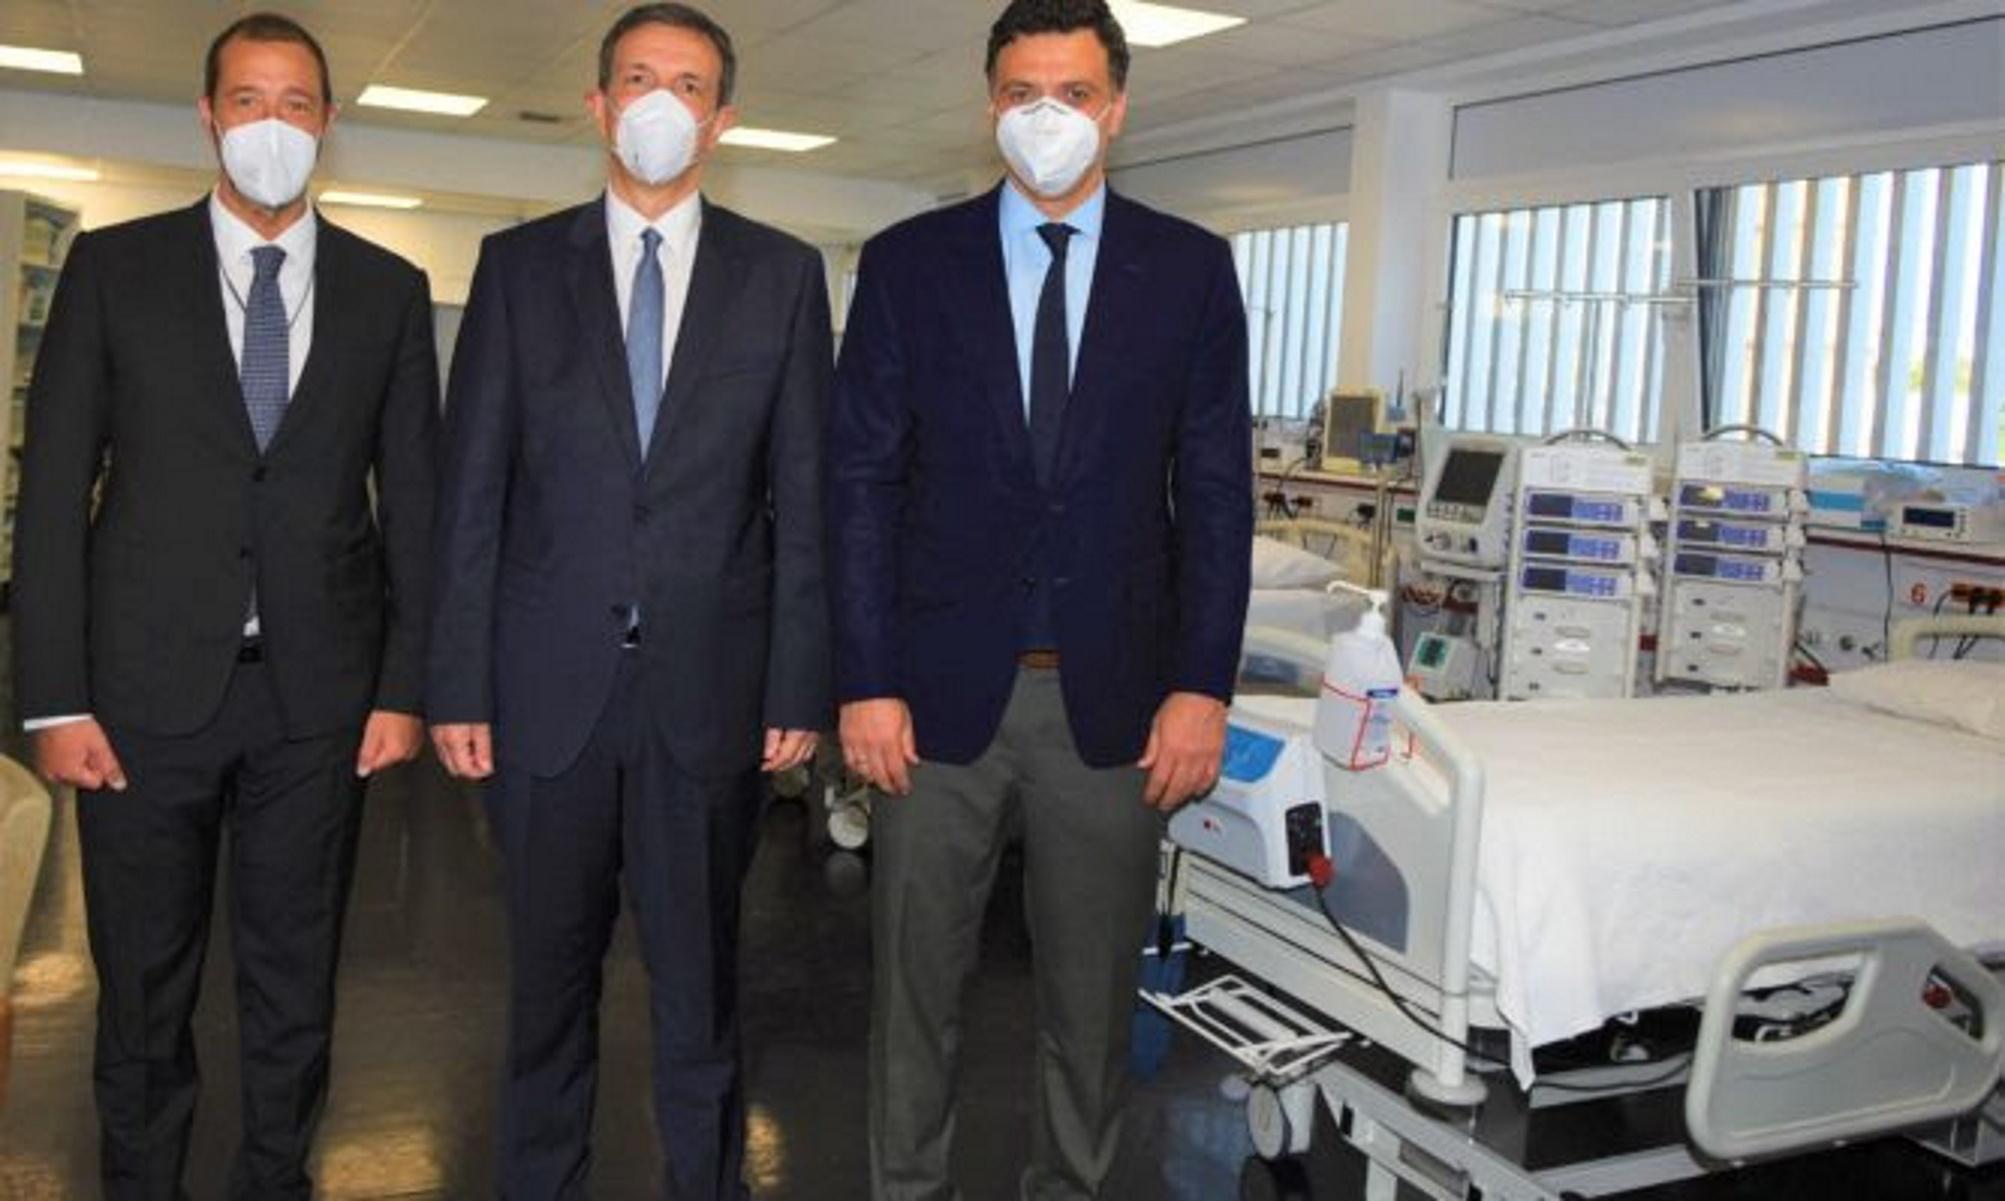 Κικίλιας: Εγκαινίασε τη νέα Καρδιοχειρουργική Εντατική Μονάδα (ΚΕΜ) στο Νοσοκομείο Παίδων